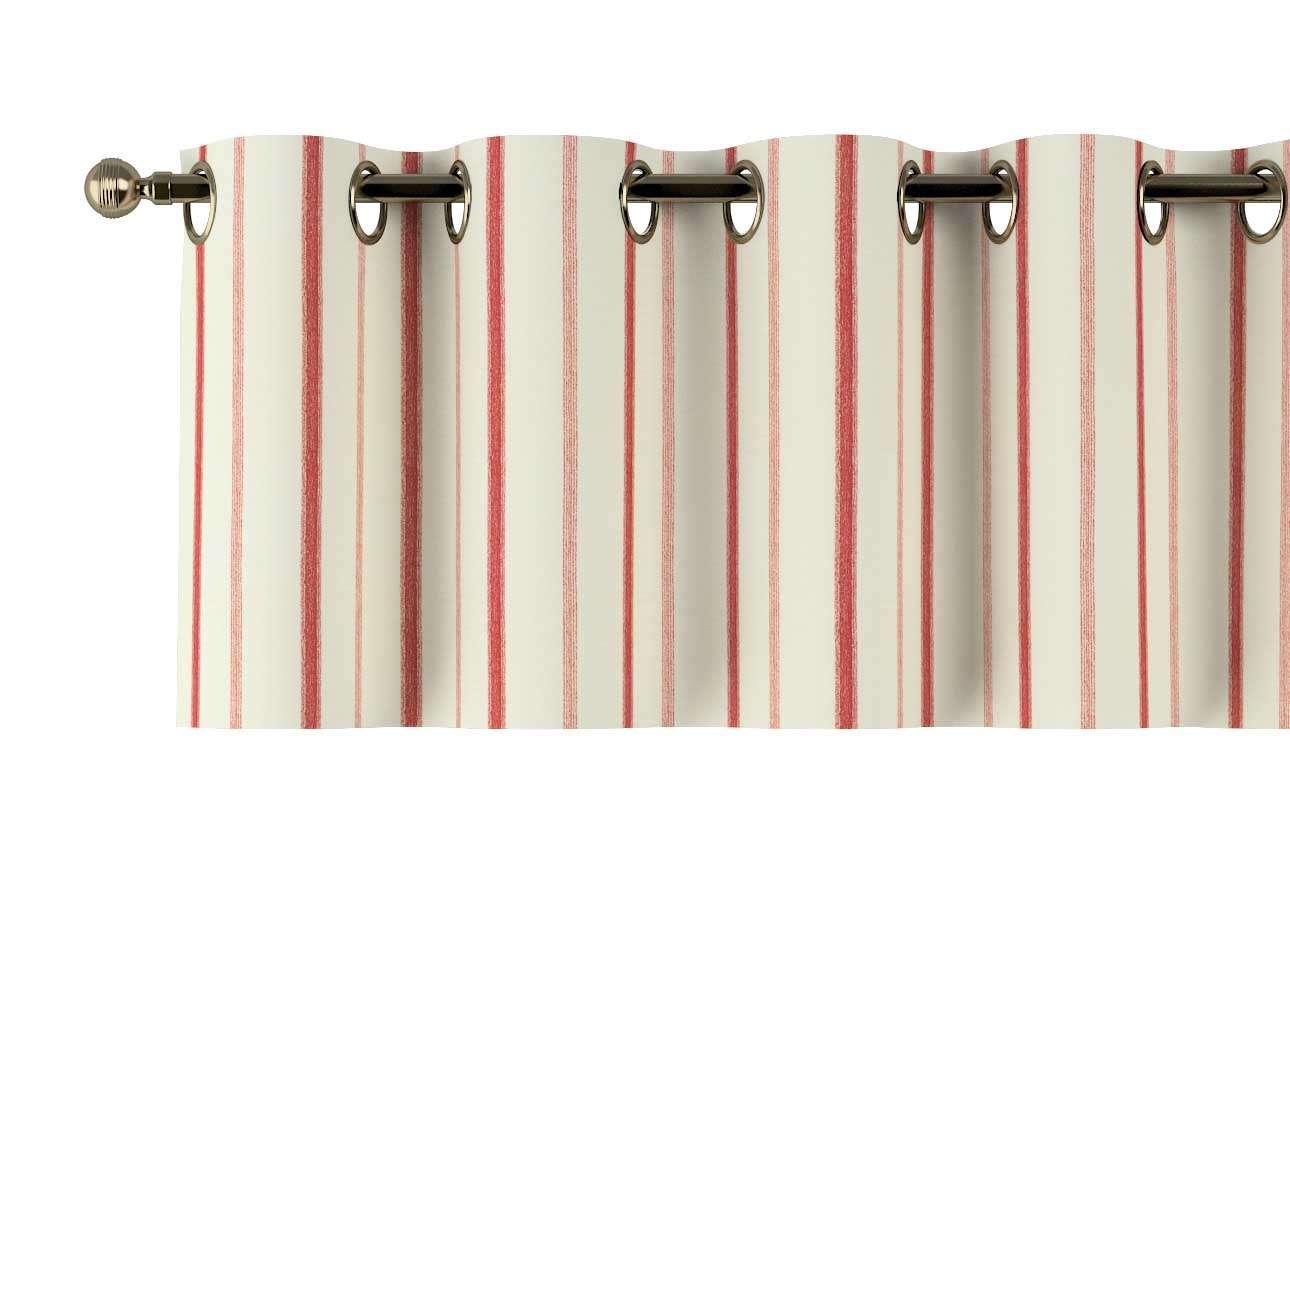 Gardinkappa med öljetter 130 × 40 cm i kollektionen Avinon, Tyg: 129-15